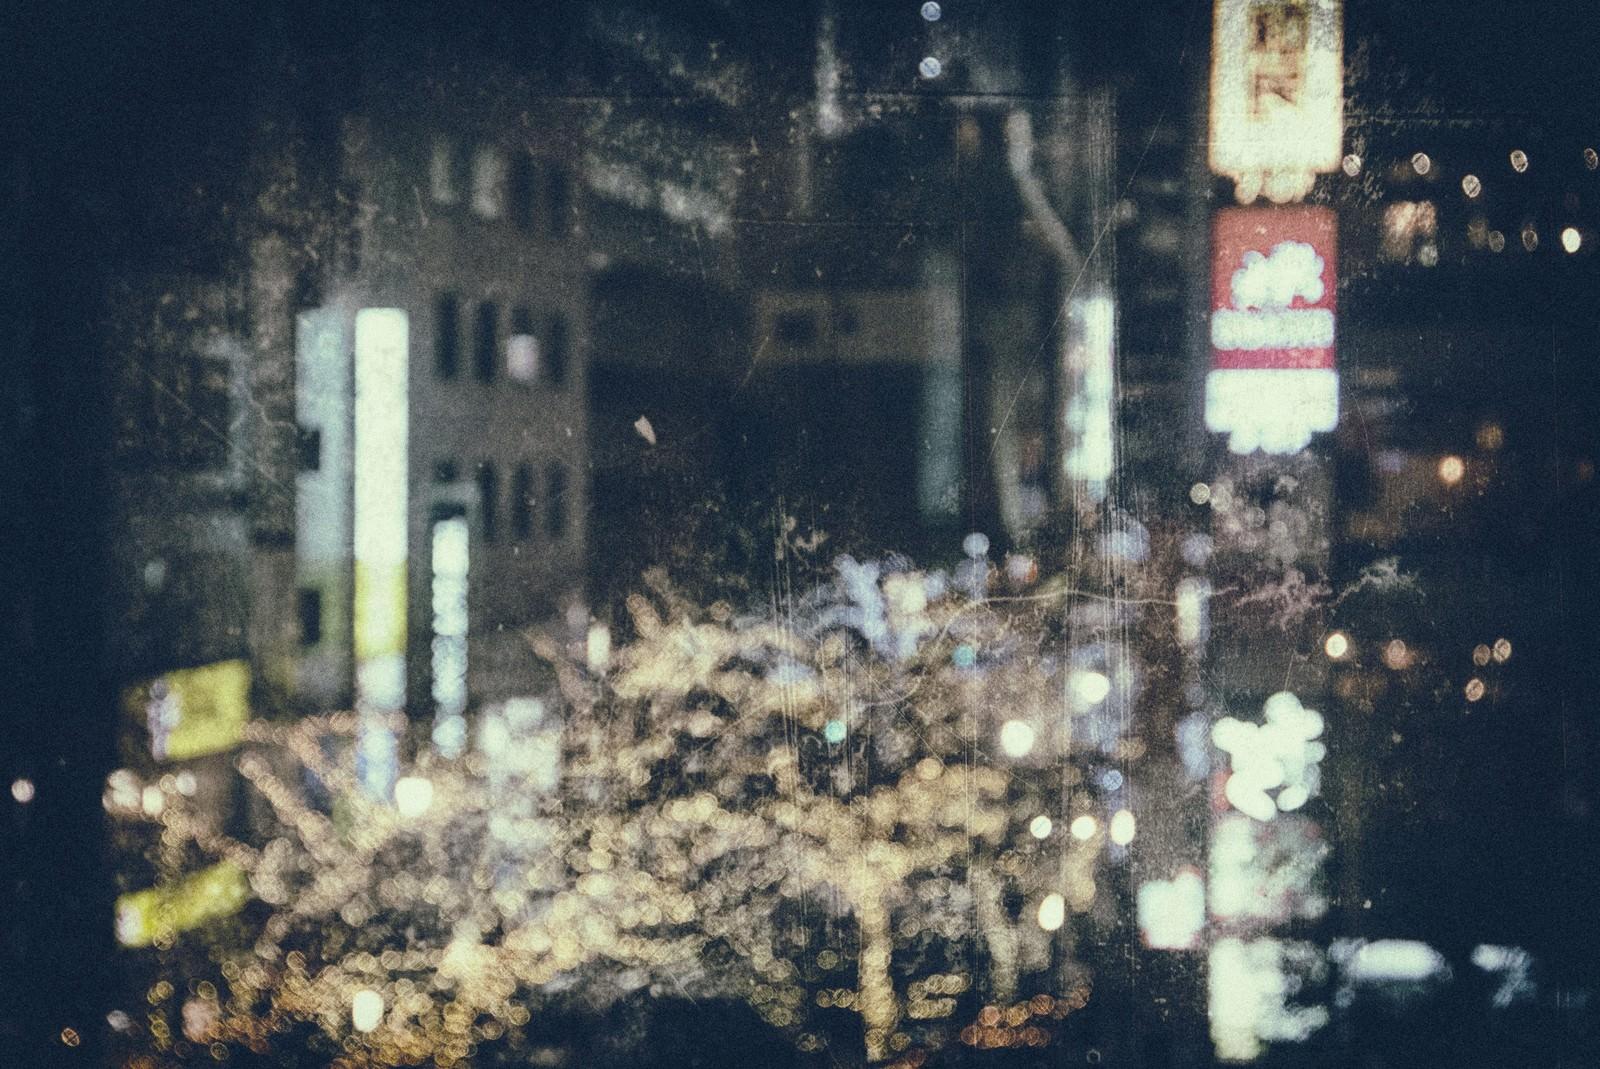 「ライトアップされた繁華街(フィルム)」の写真